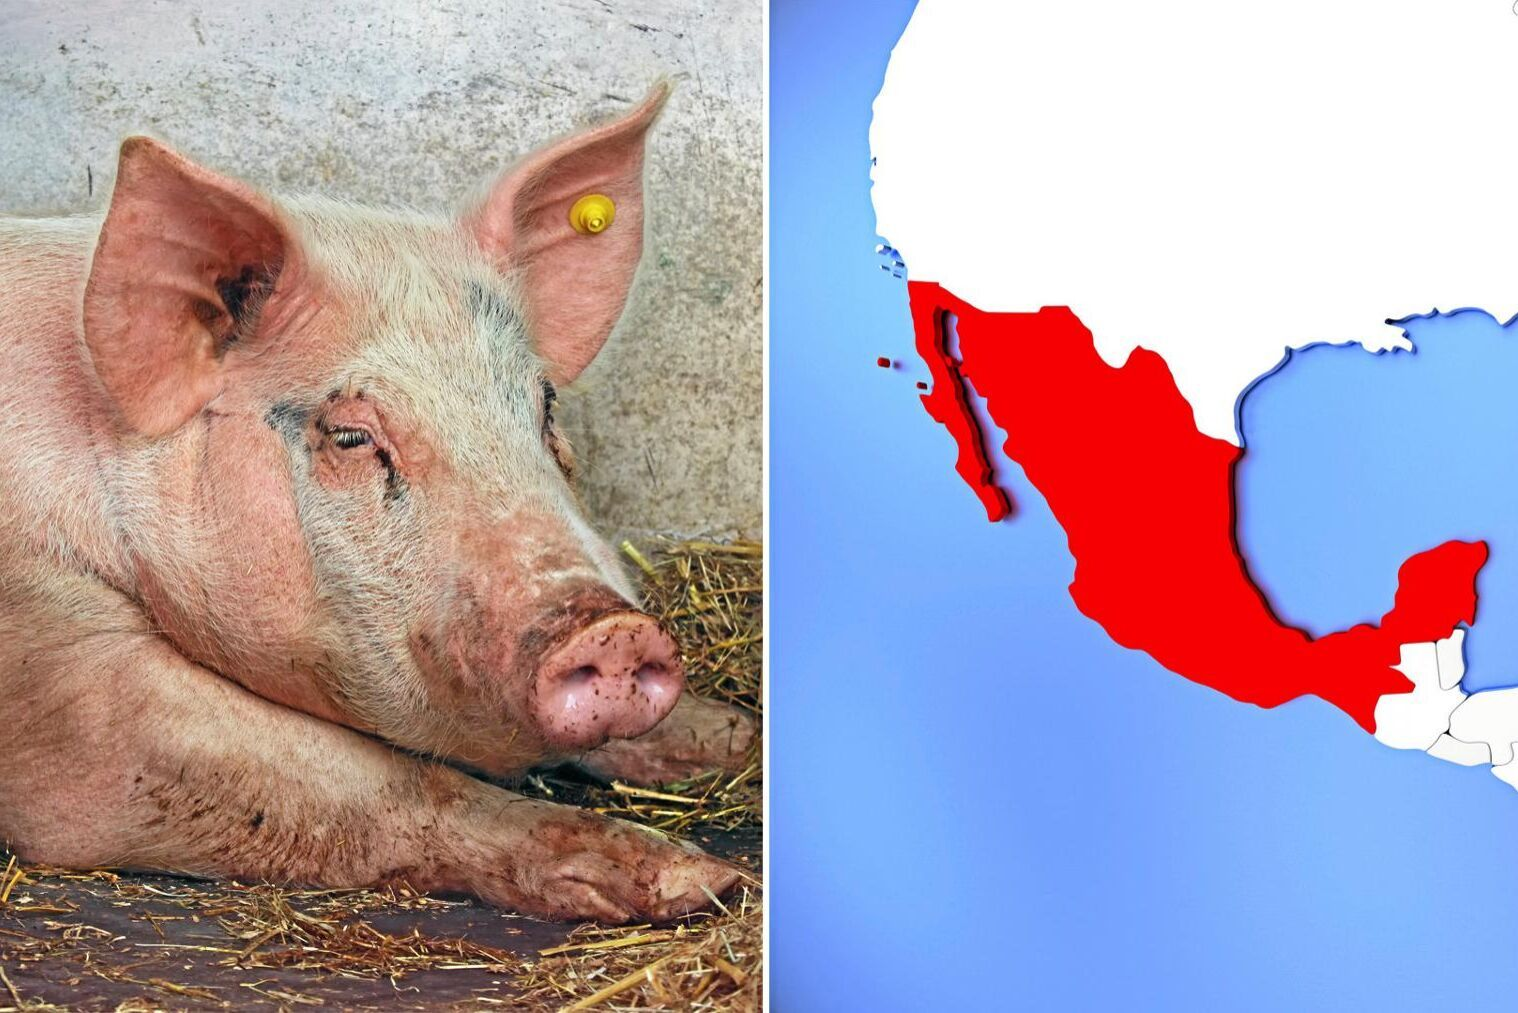 Förra året stod USA för 90 procent av Mexikos importerade fläsk och nu öppnar landet upp för att importera från Kanada eller EU.